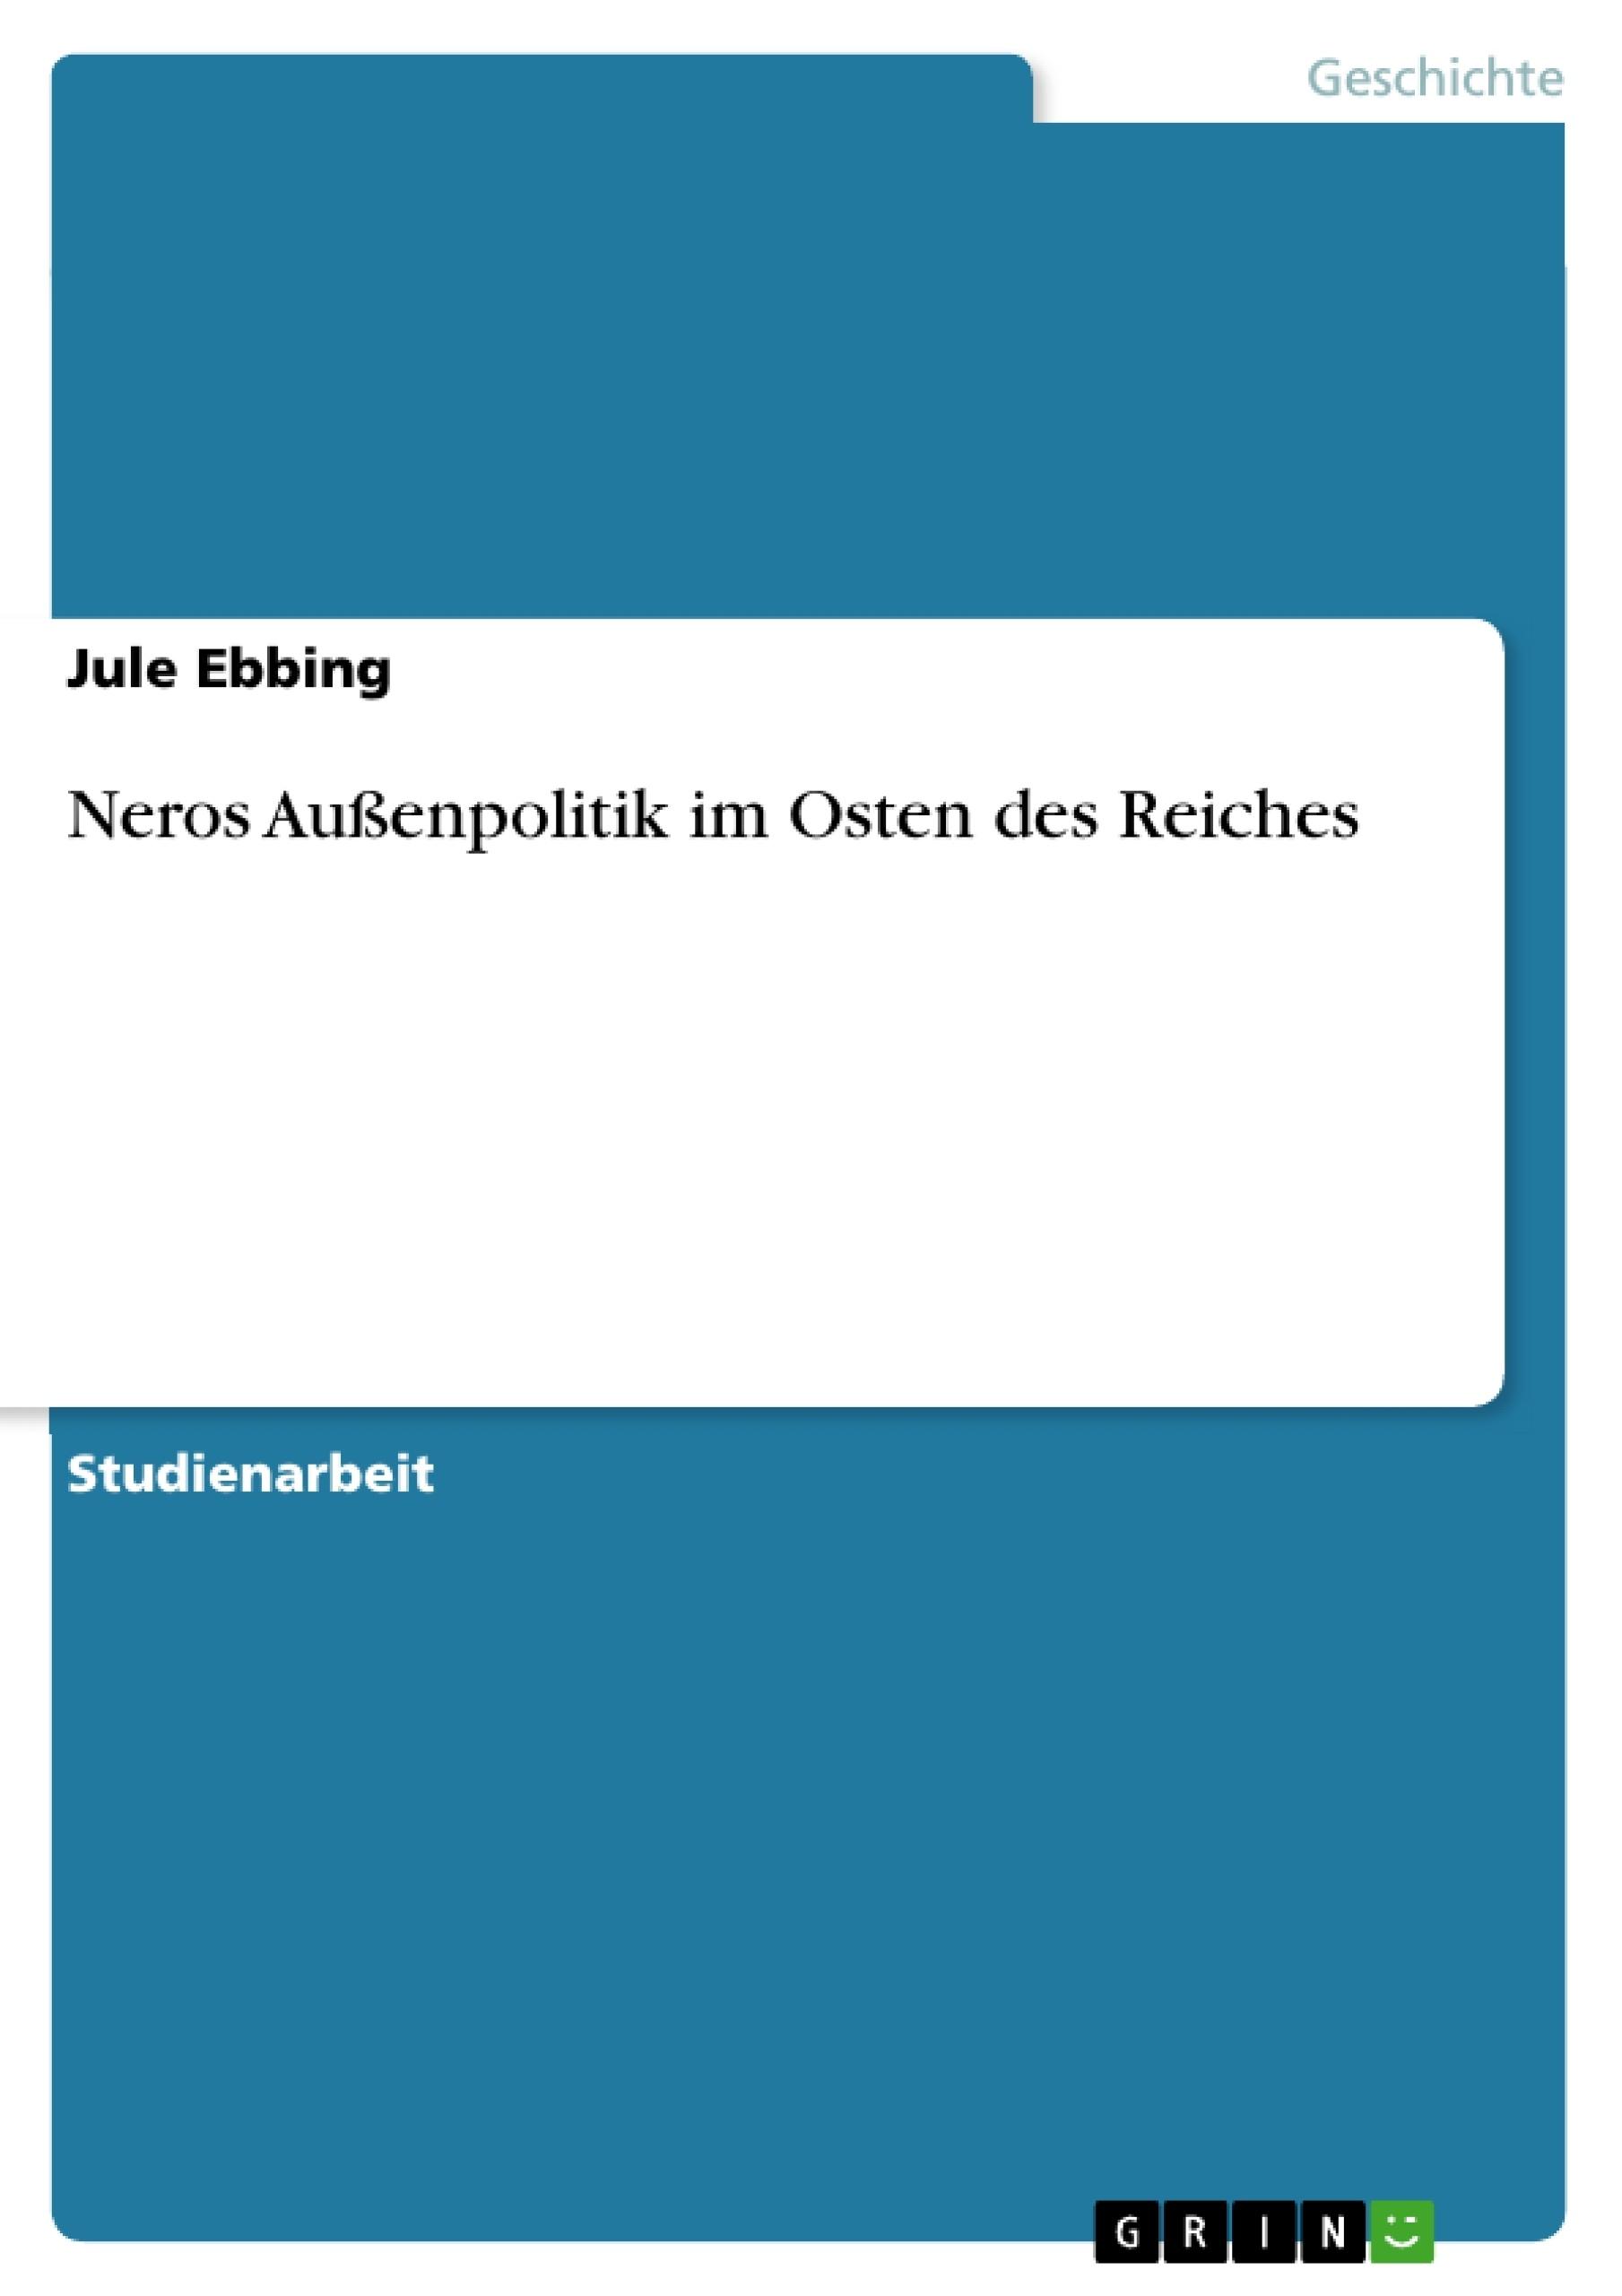 Titel: Neros Außenpolitik im Osten des Reiches